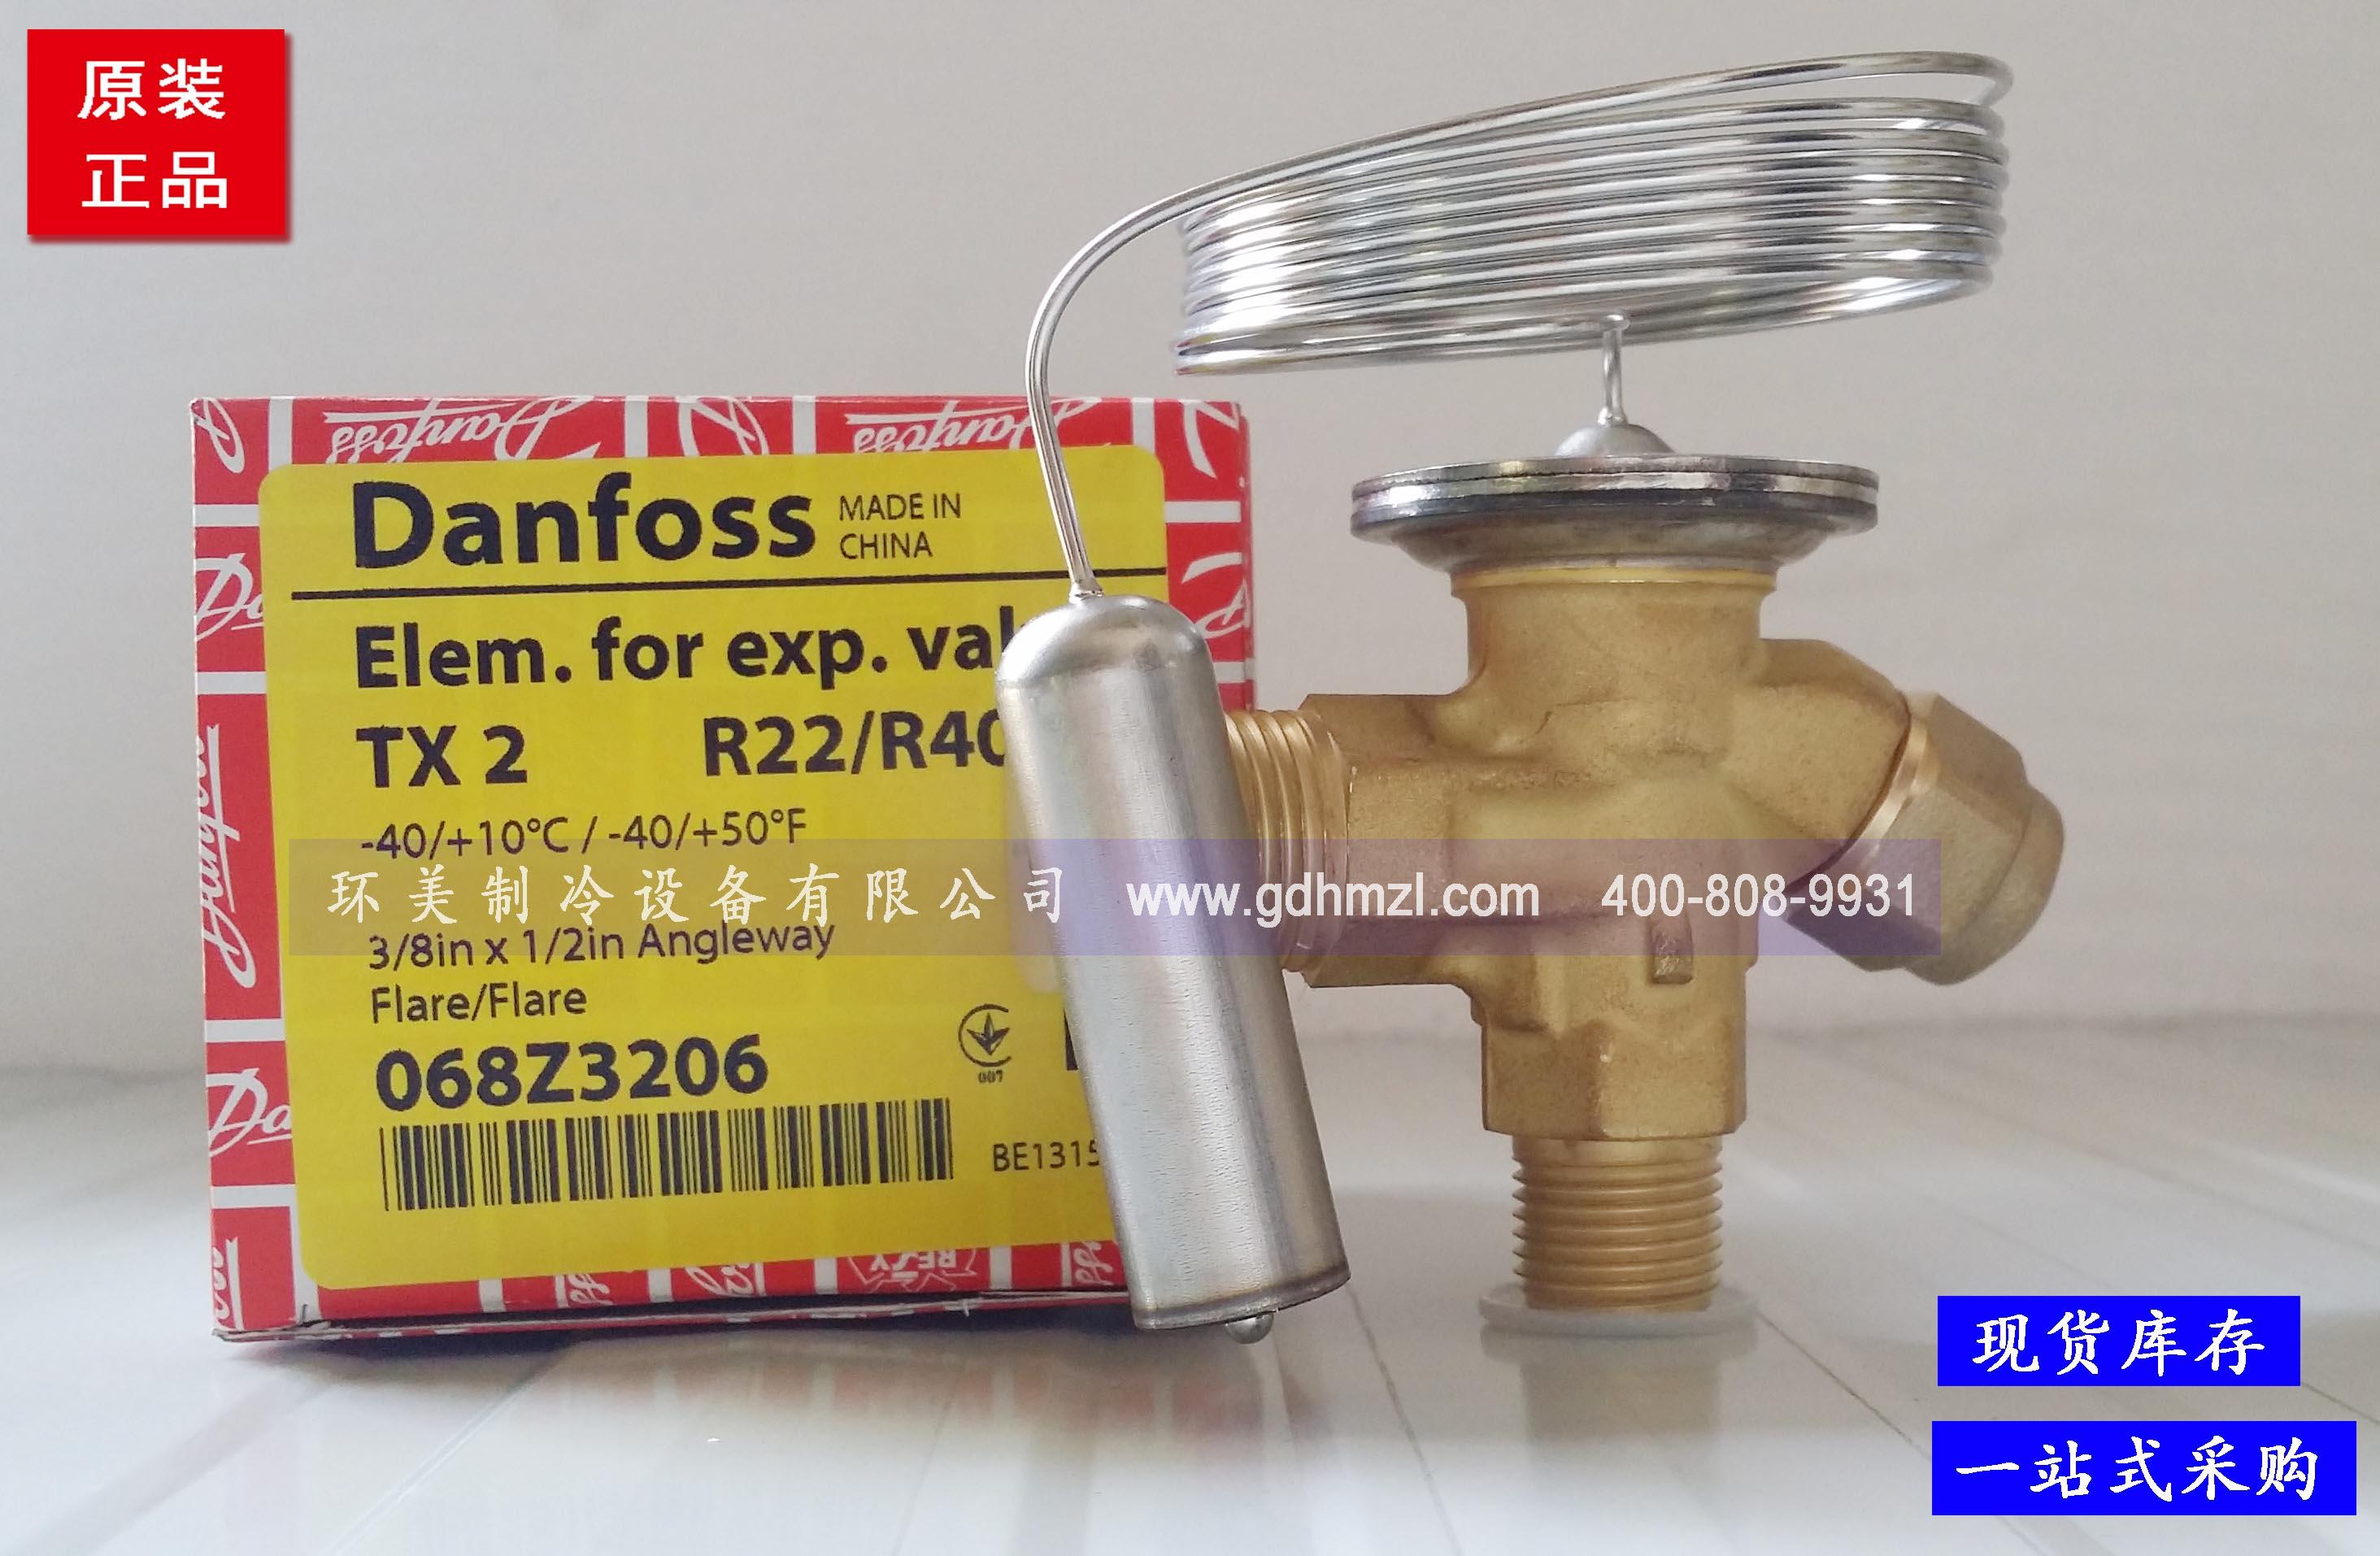 代理销售原装正品danfoss丹佛斯热力膨胀阀TX2/068Z3206